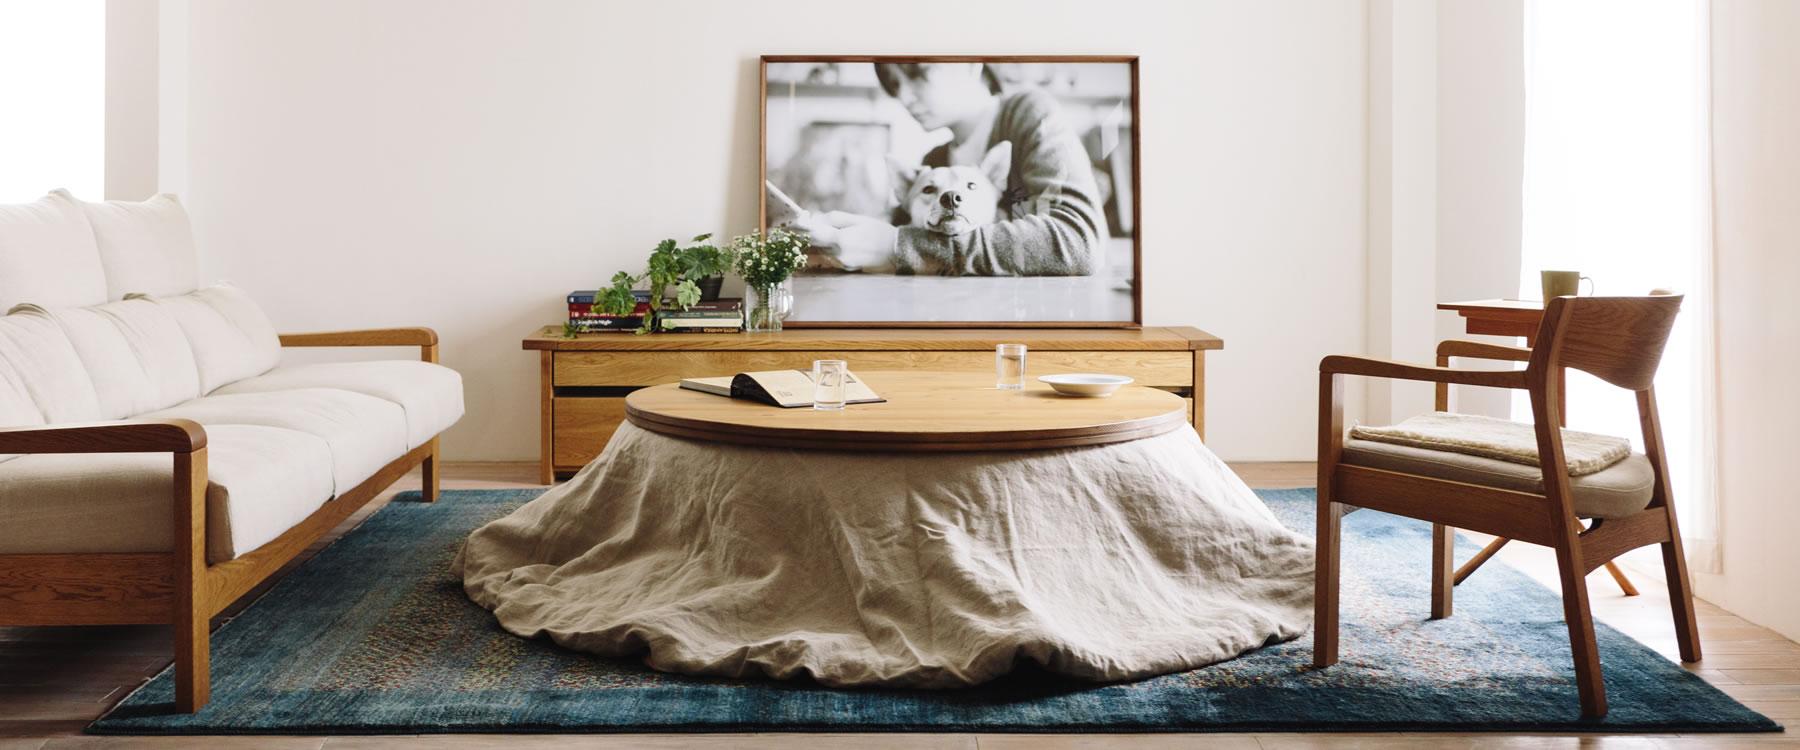 オーダー家具、インテリアショップ